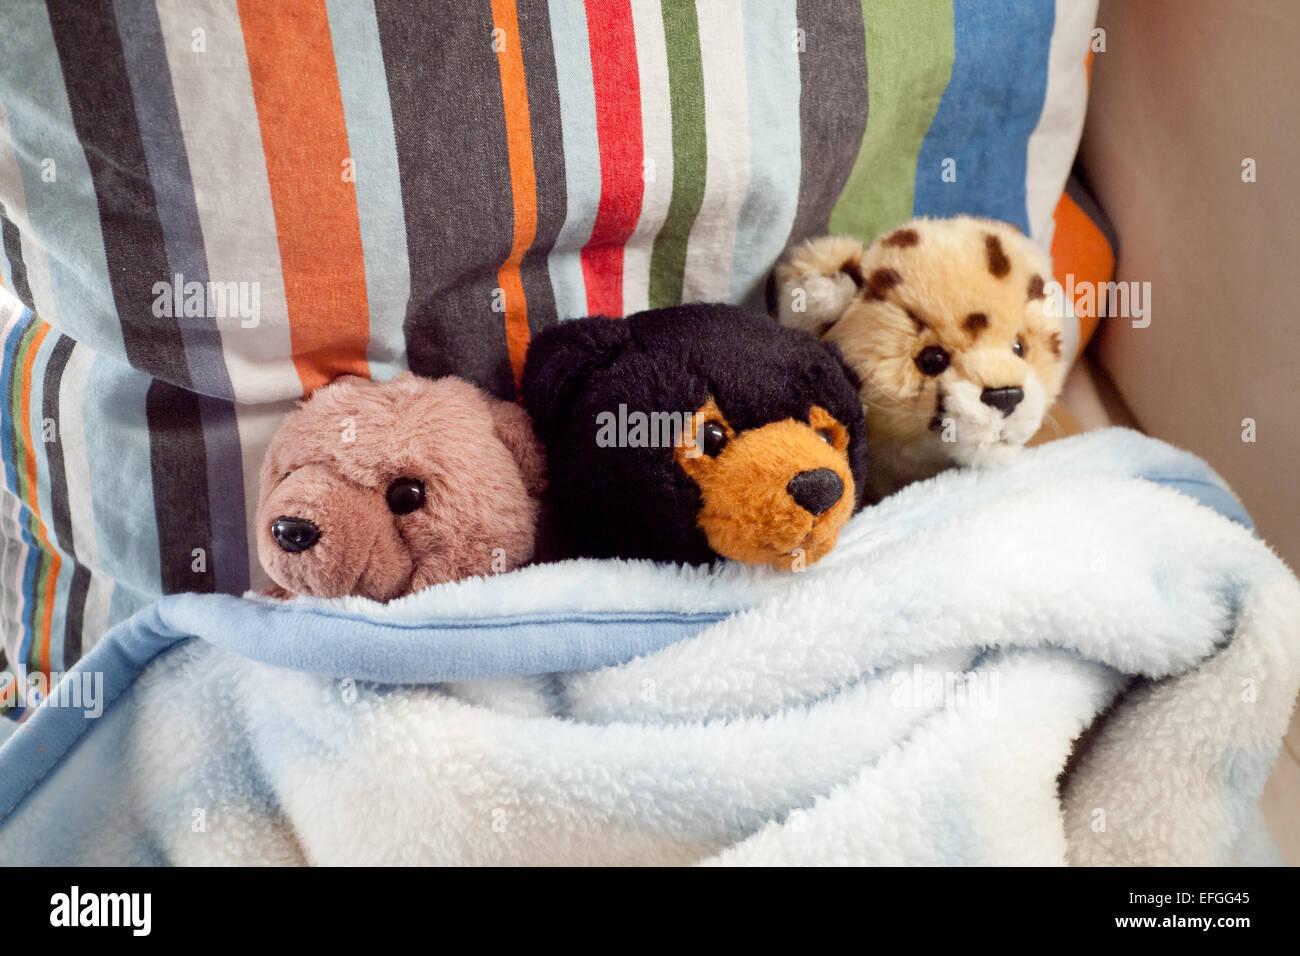 Deux ours en peluche peluche et un guépard, confortable dans une couverture. Photo Stock